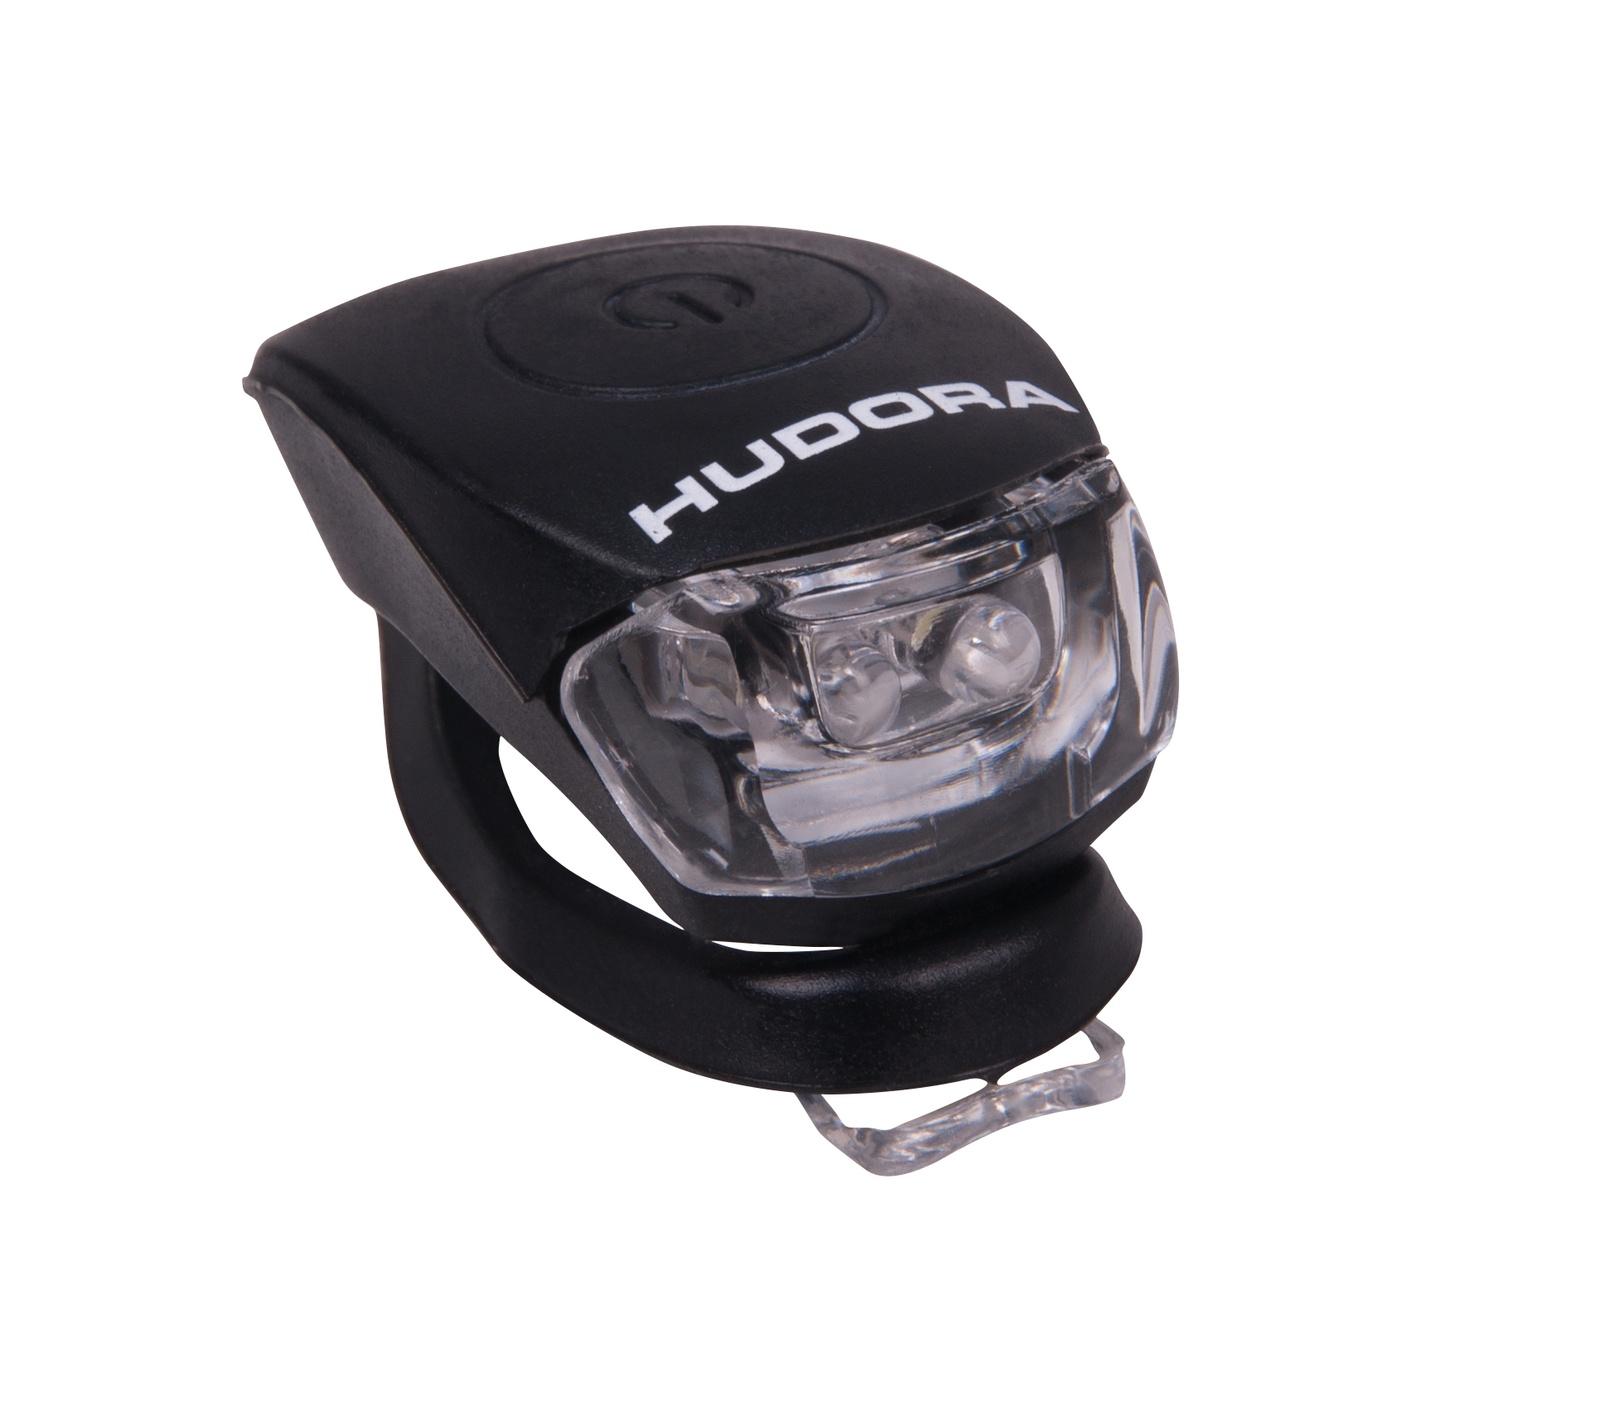 Светоотражатель для велосипеда Hudora LED, 85065 габаритный фонарик для велосипеда